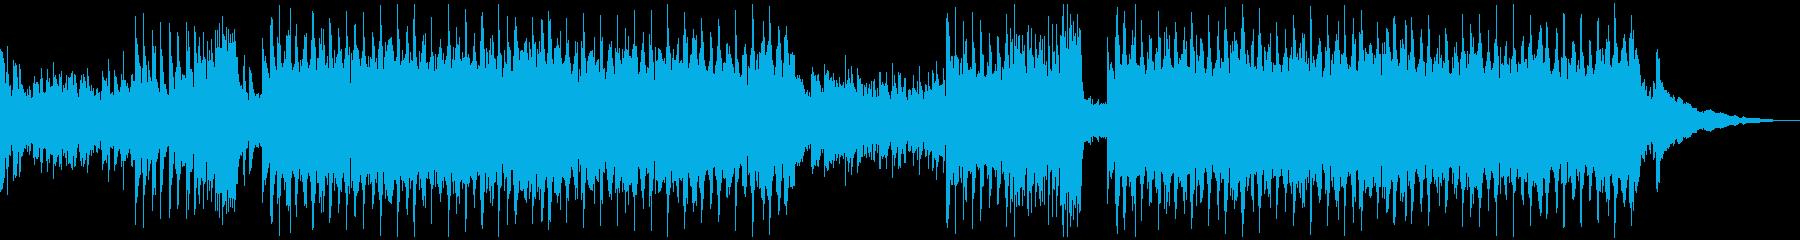 夏! ギターカッティングトロピカルハウスの再生済みの波形